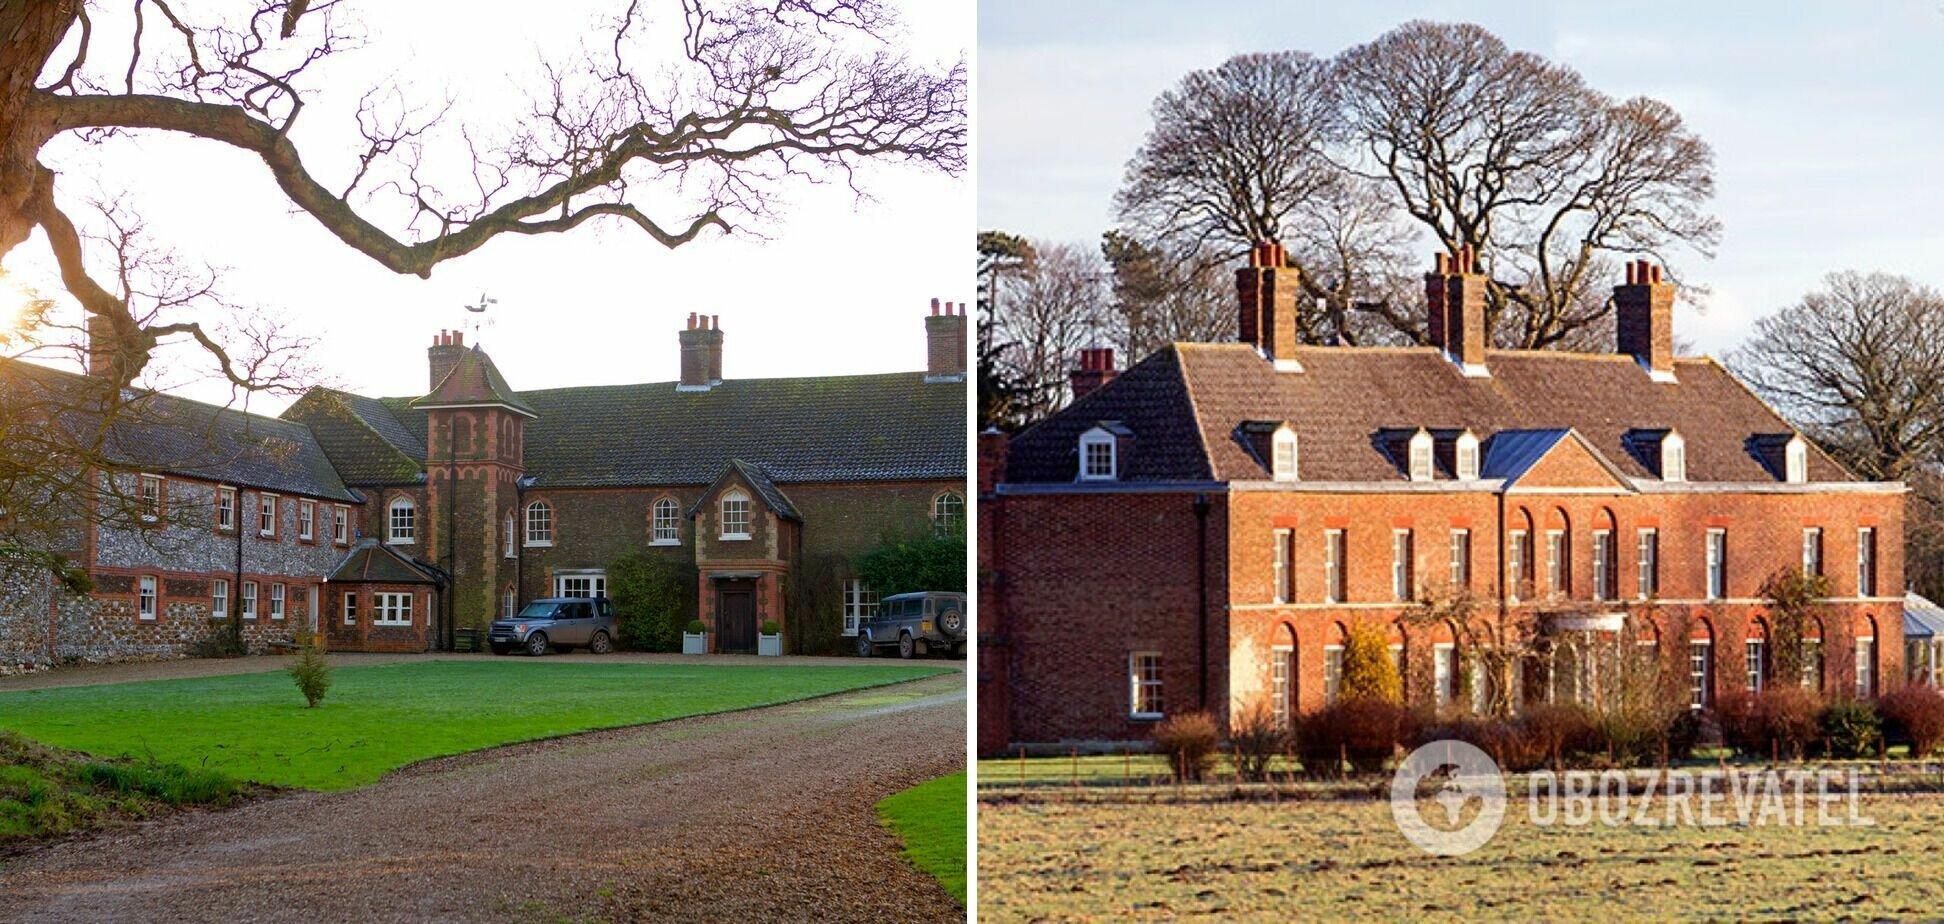 Также герцоги имеют загородный дом в георгианском стиле Анмер-Холл